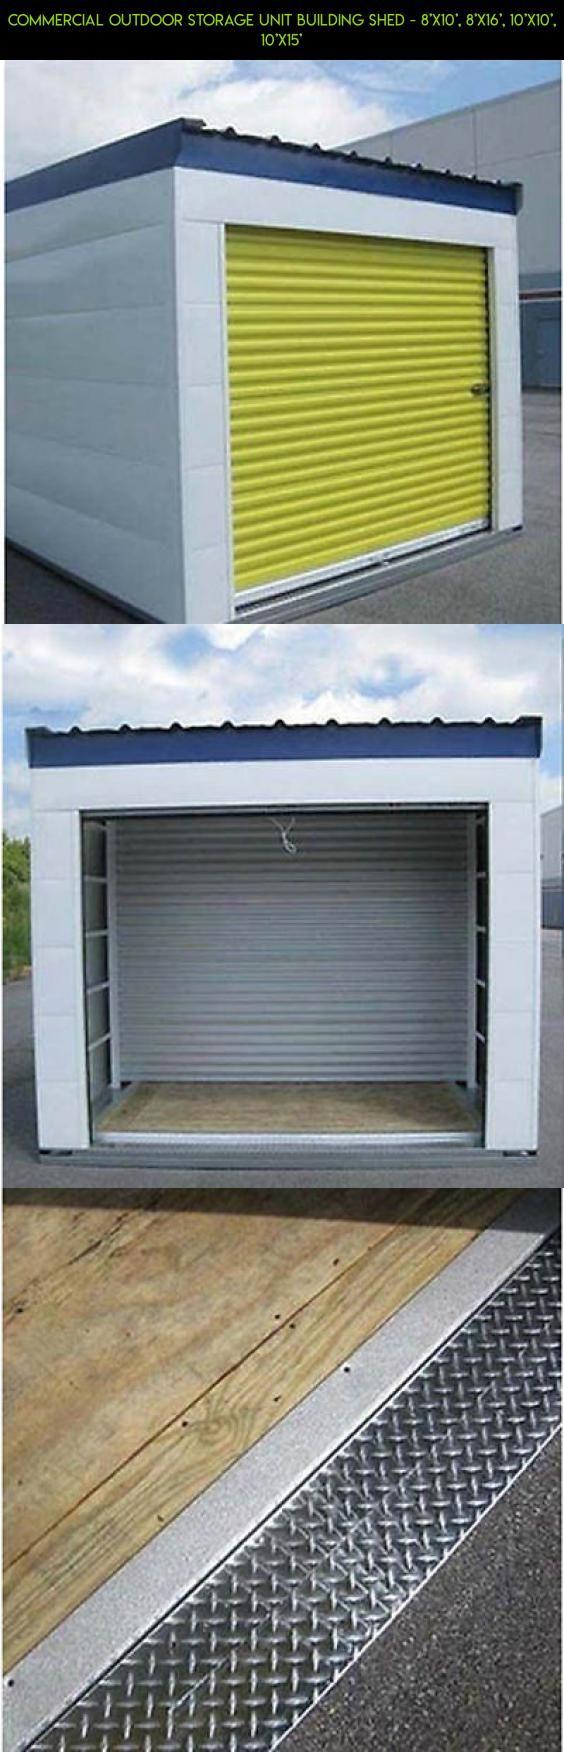 commercial outdoor storage unit building shed 8 u0027x10 u0027 8 u0027x16 u0027 10